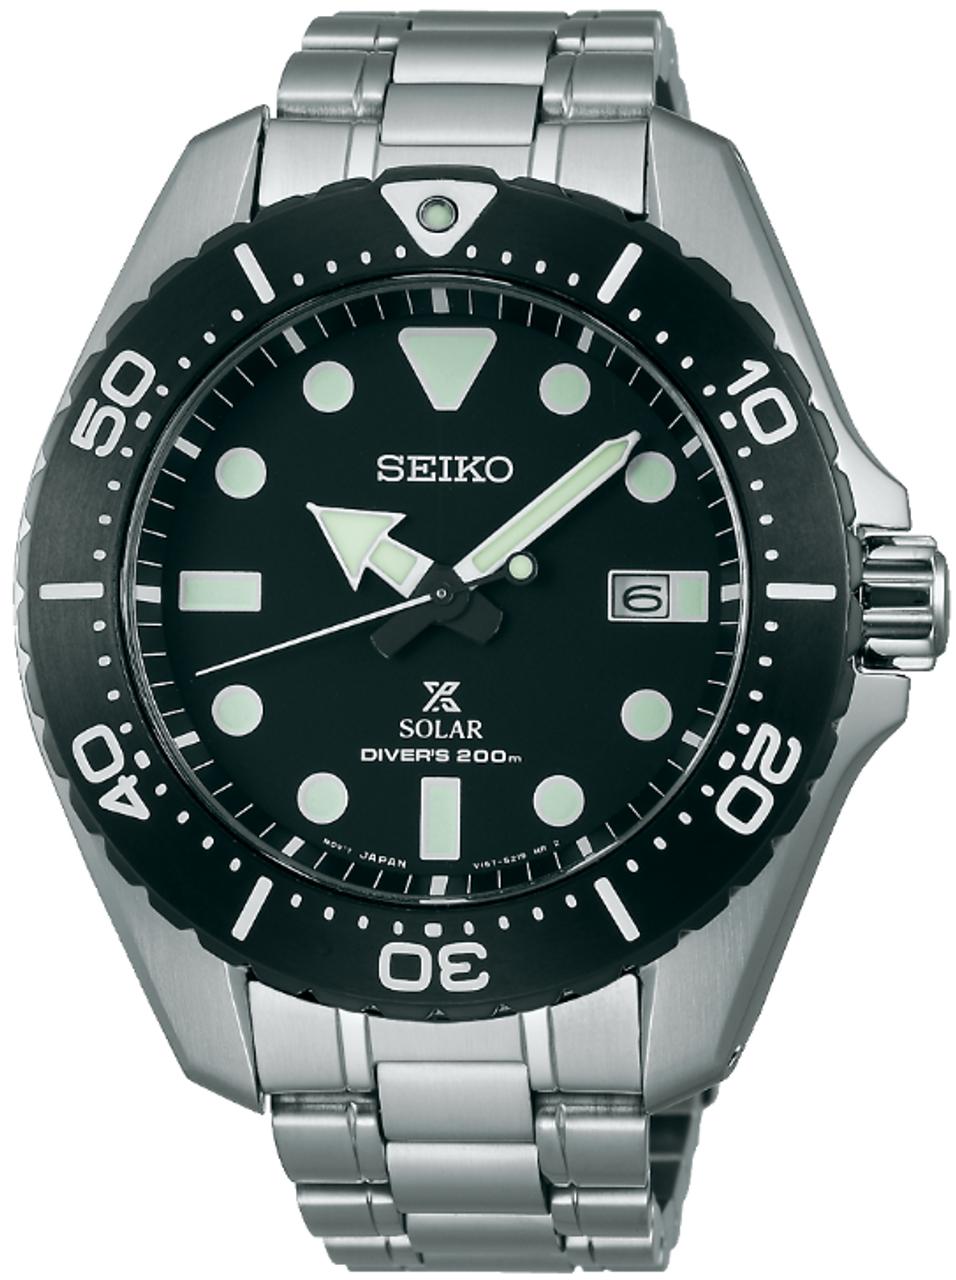 Seiko SBDJ013